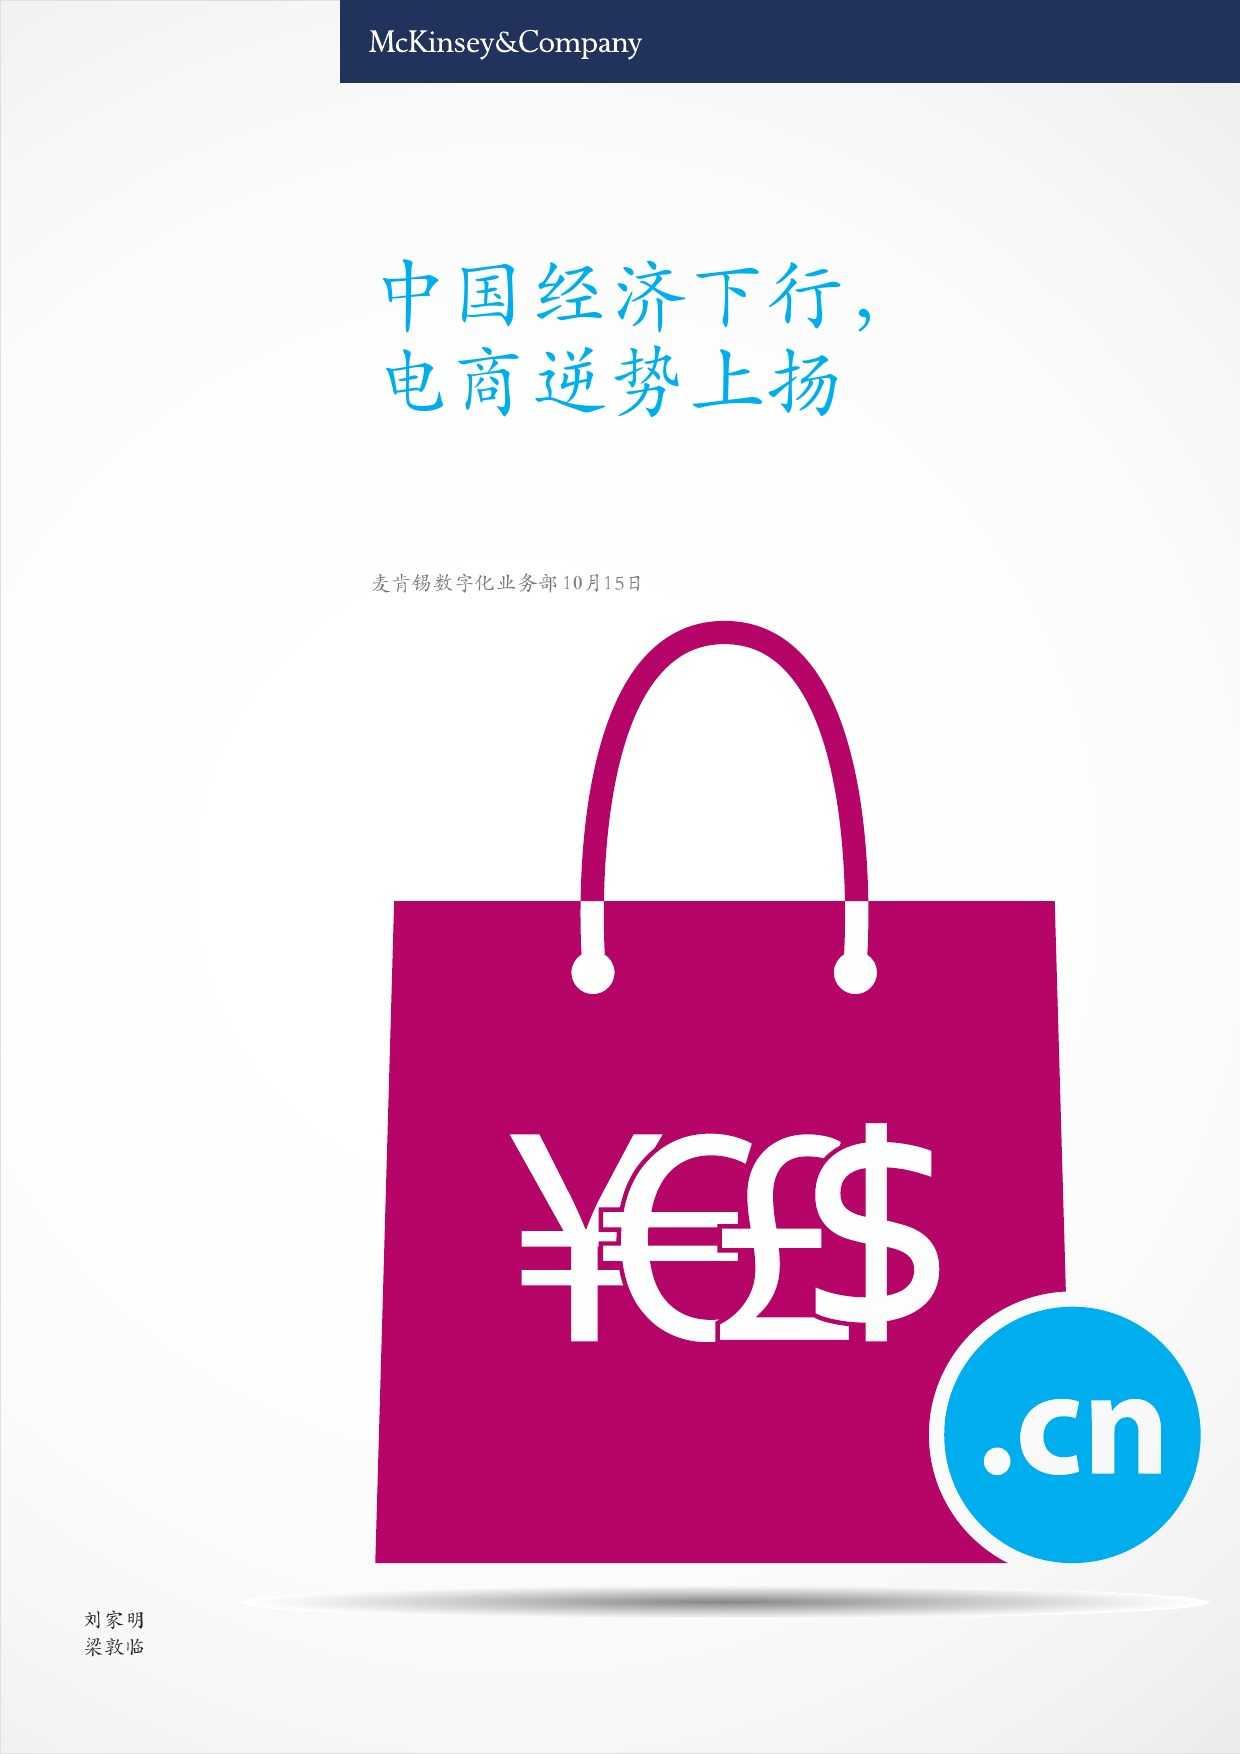 麦肯锡:中国经济下行,电商逆势上扬_000001